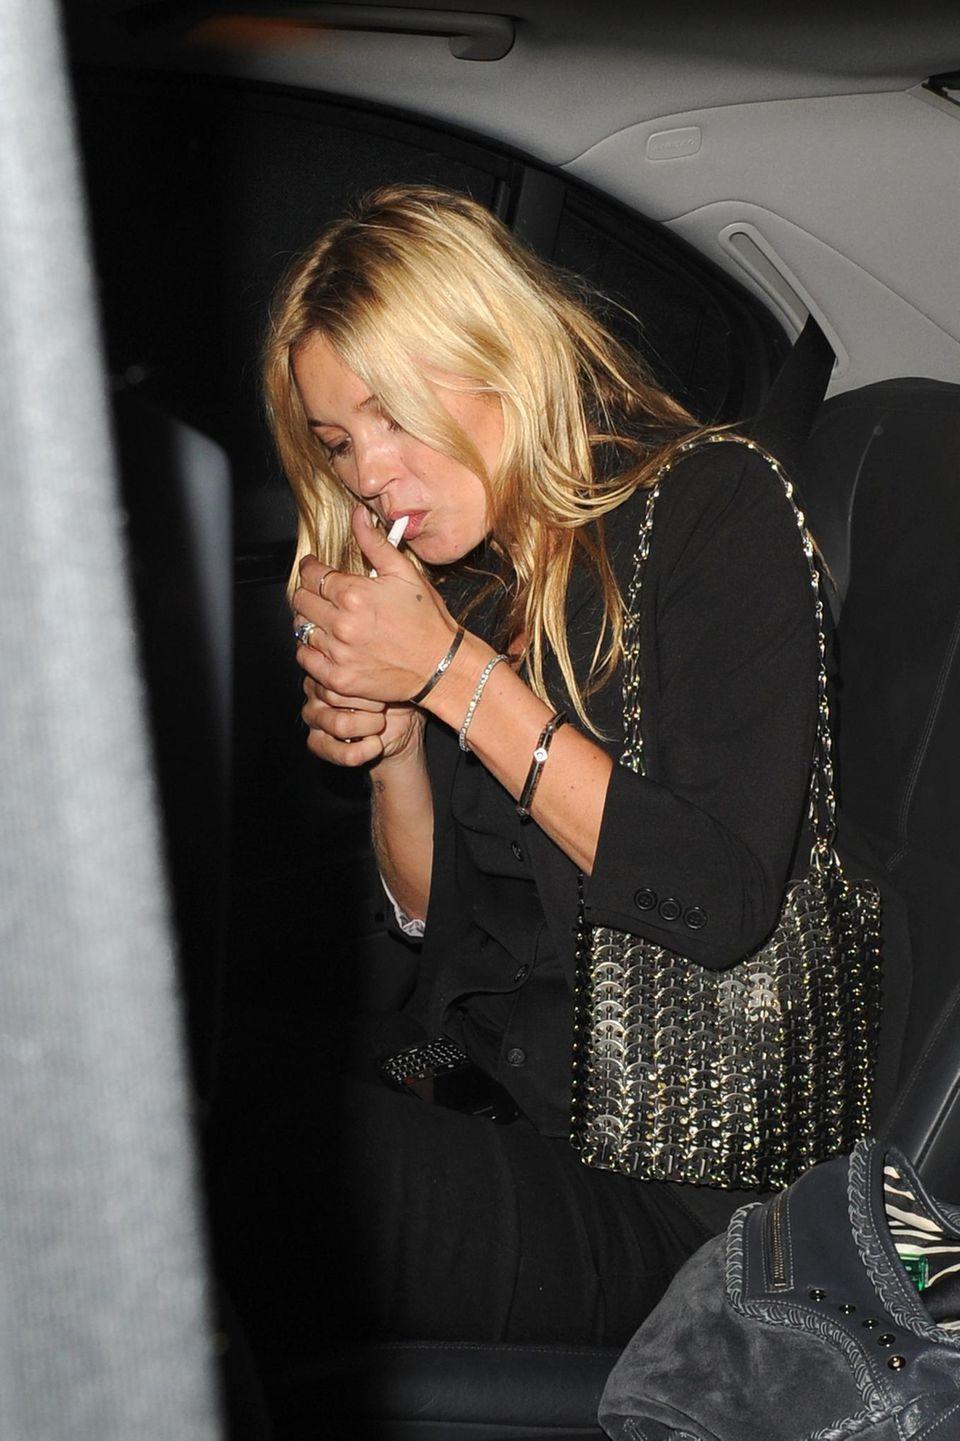 Kate Moss ist nicht nur berühmtes Model, sondern auch bekannt für ihre Eskapaden.